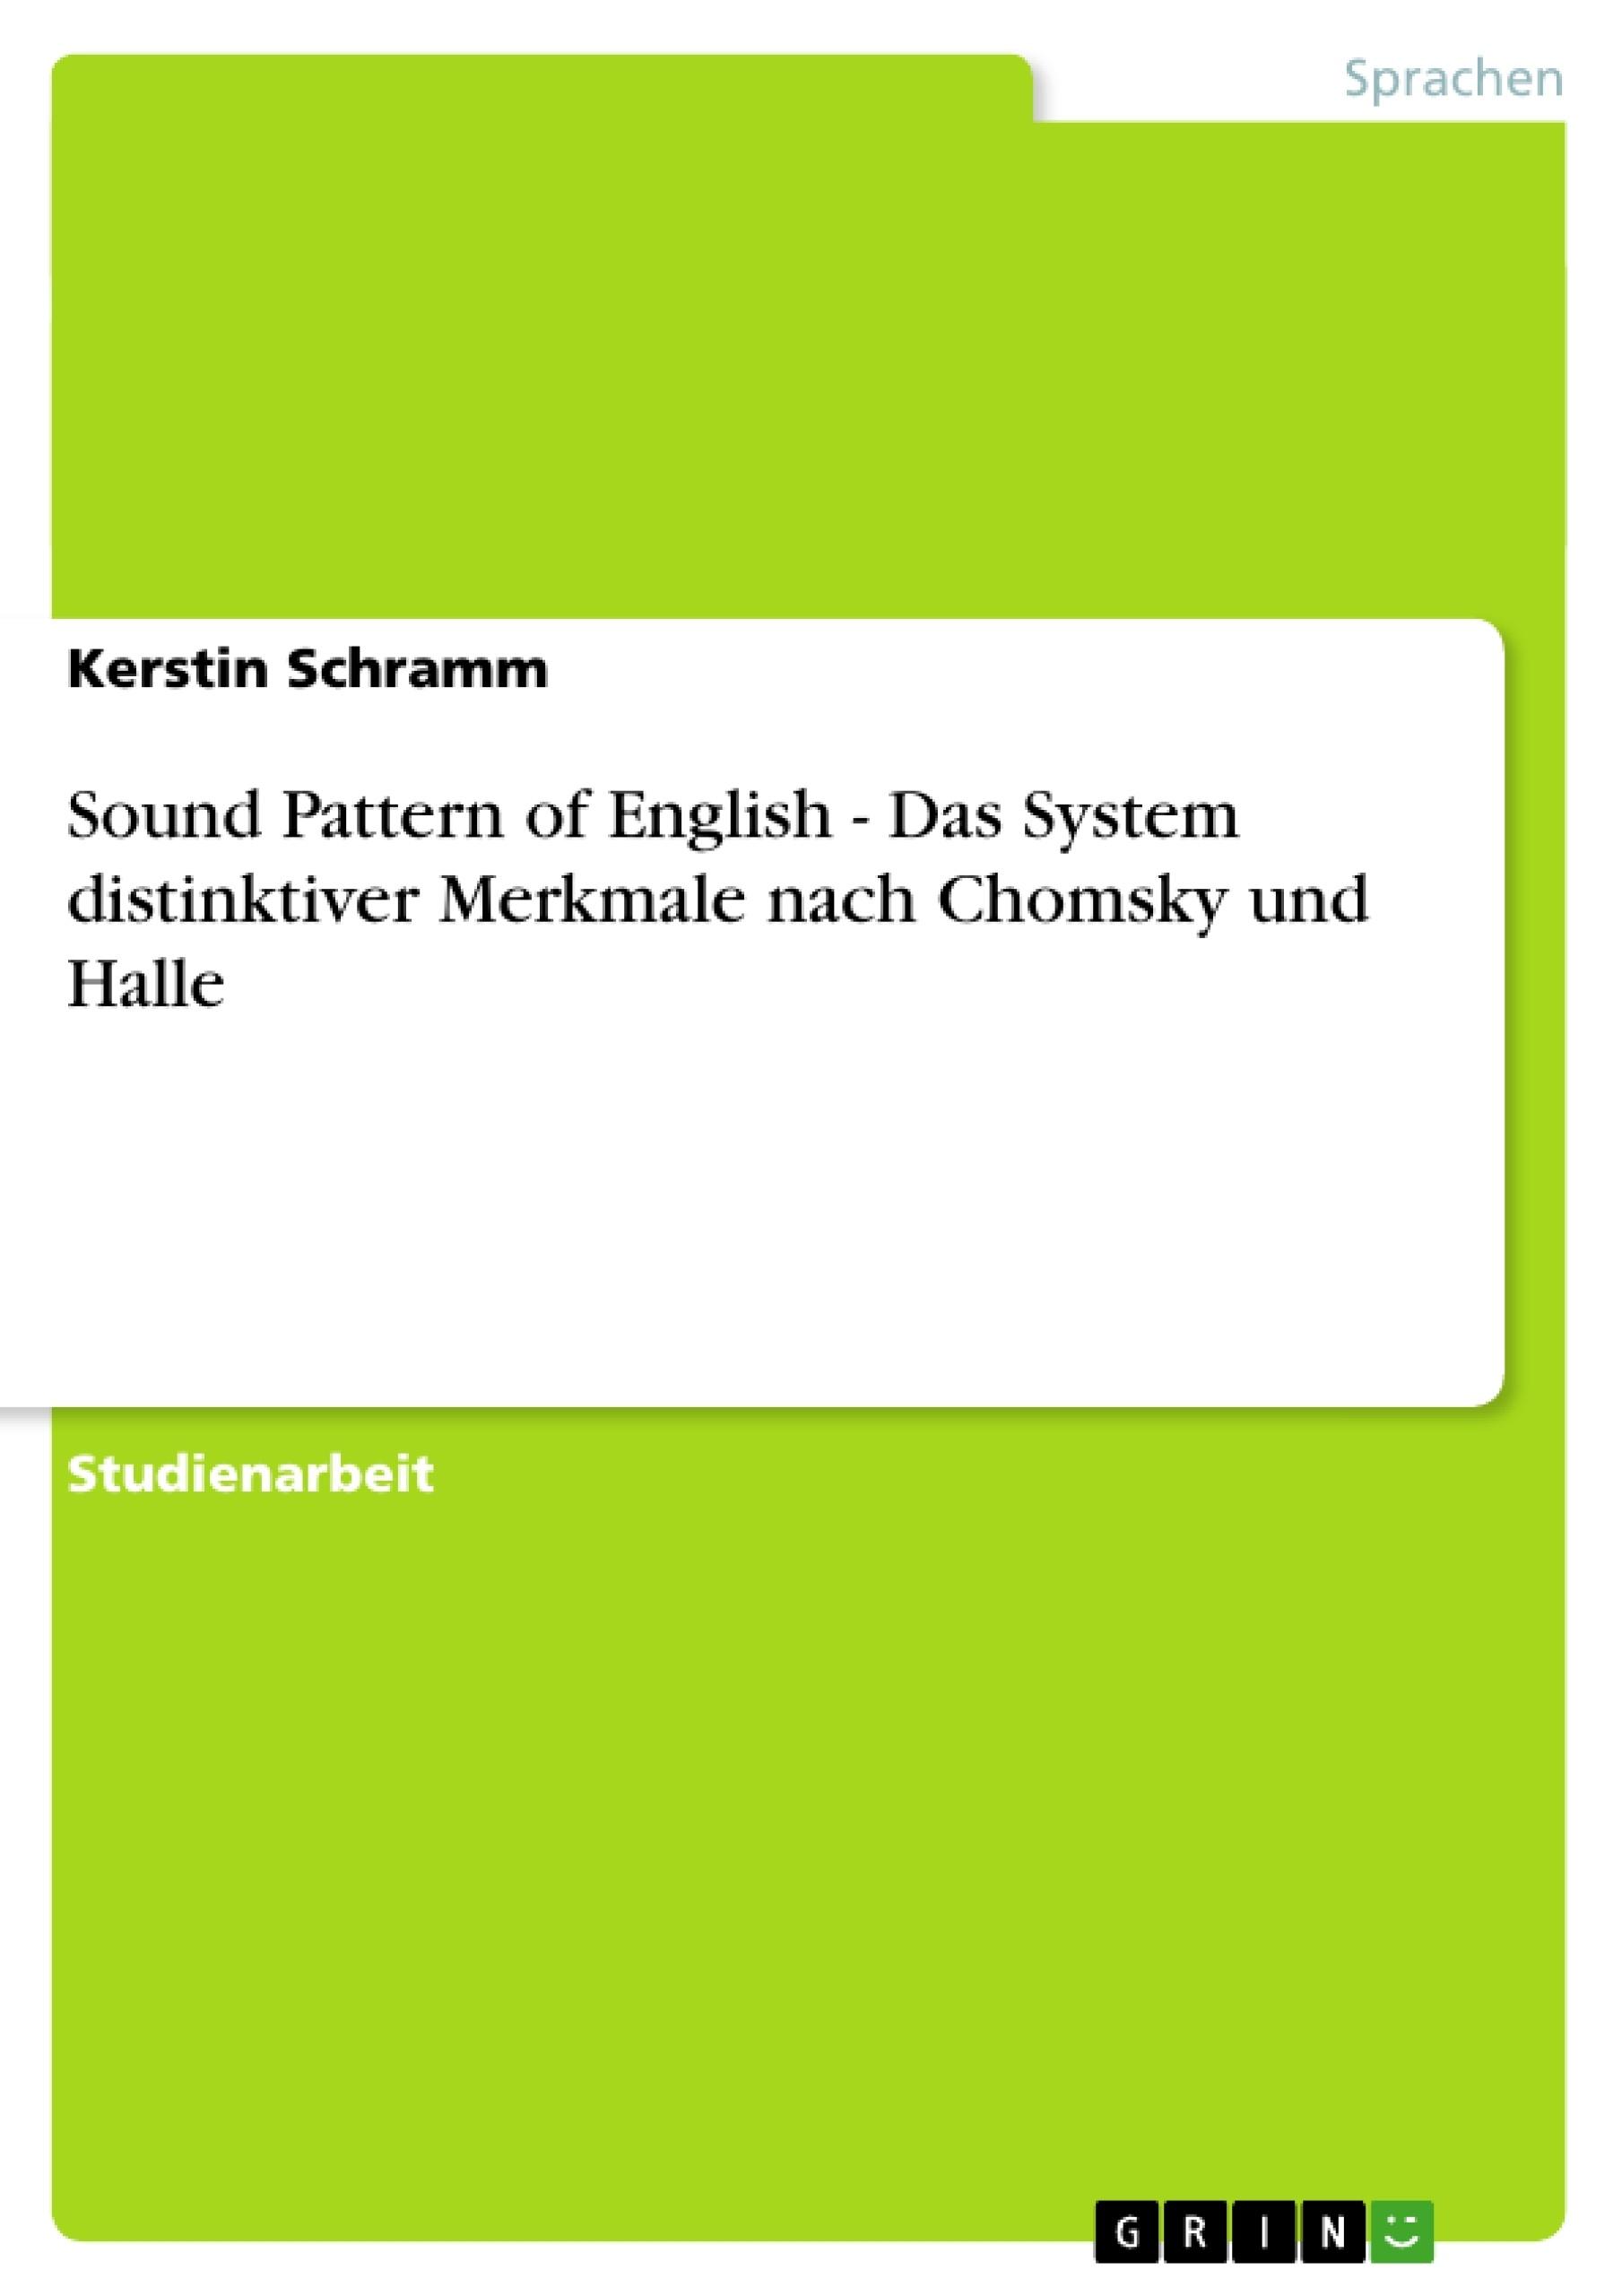 Titel: Sound Pattern of English - Das System distinktiver Merkmale nach Chomsky und Halle